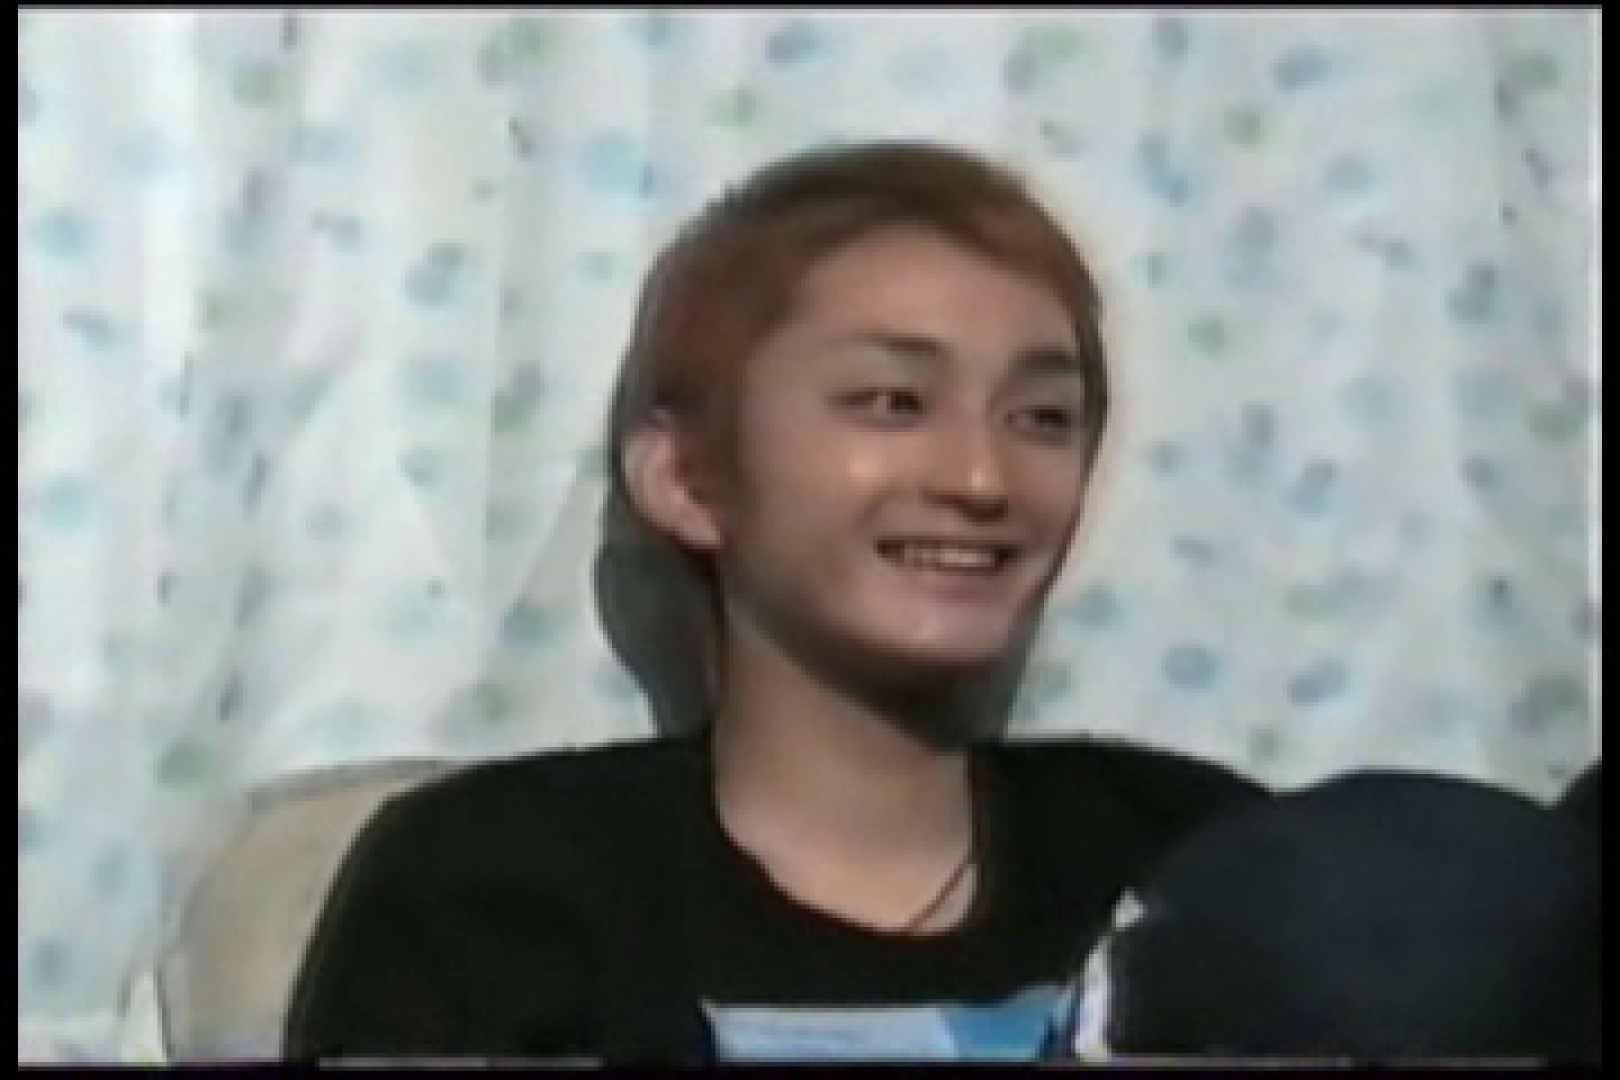 【流出】アイドルを目指したジャニ系イケメンの過去 チンポ丸出し   イケメンたち  61枚 29